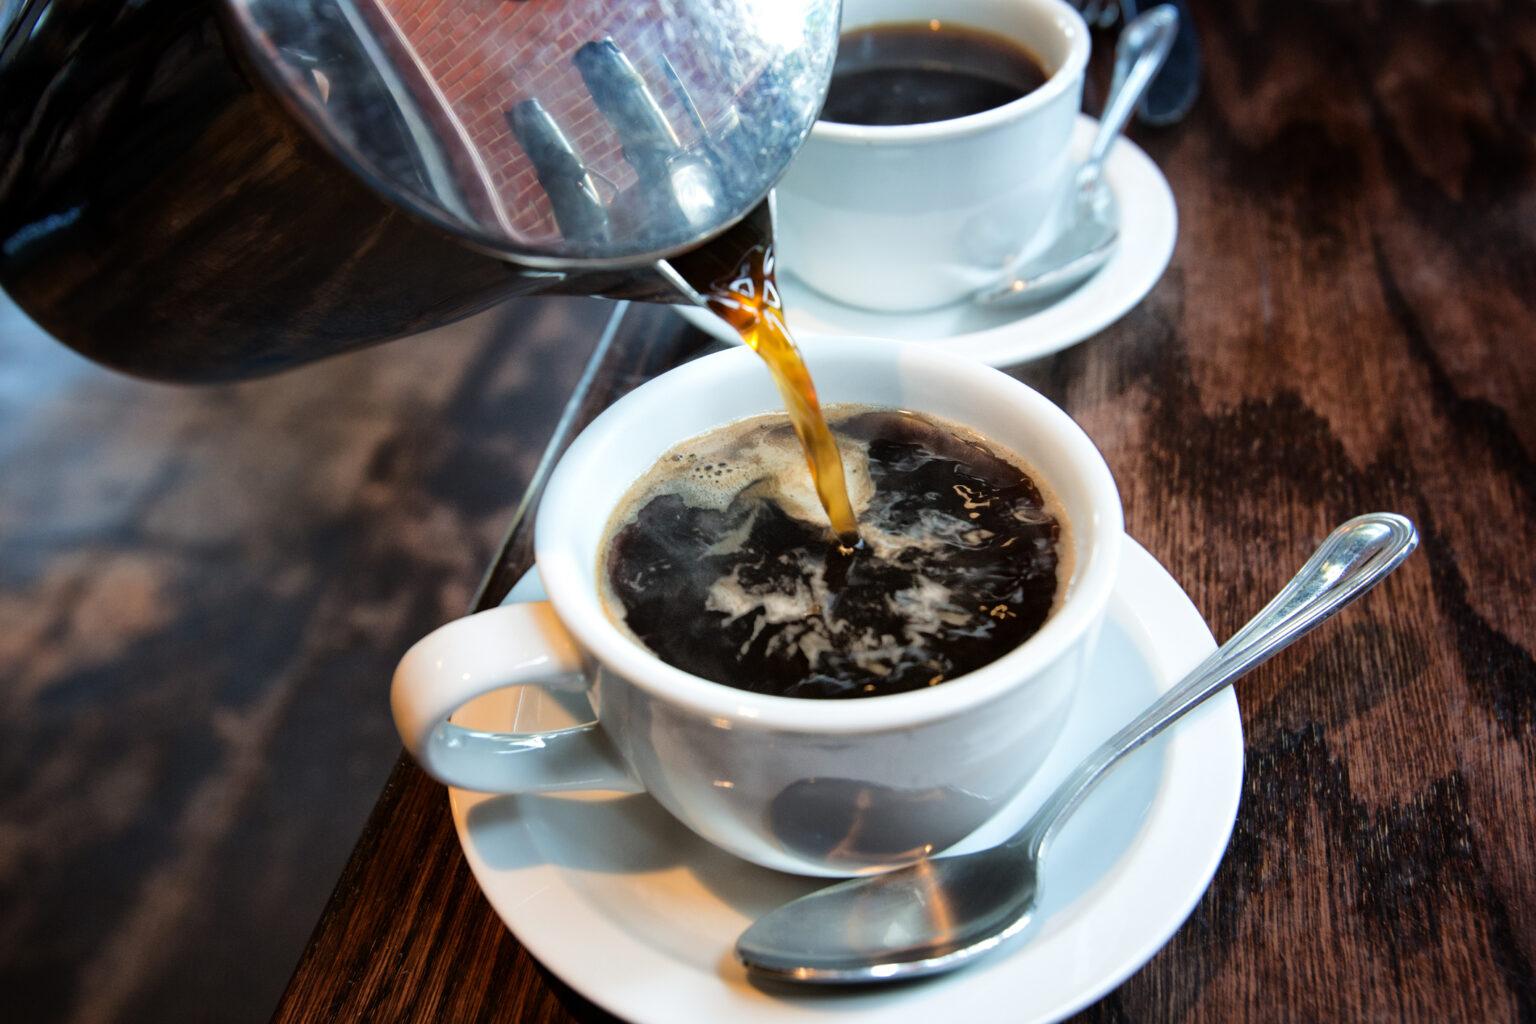 café pode cortar o efeito da creatina